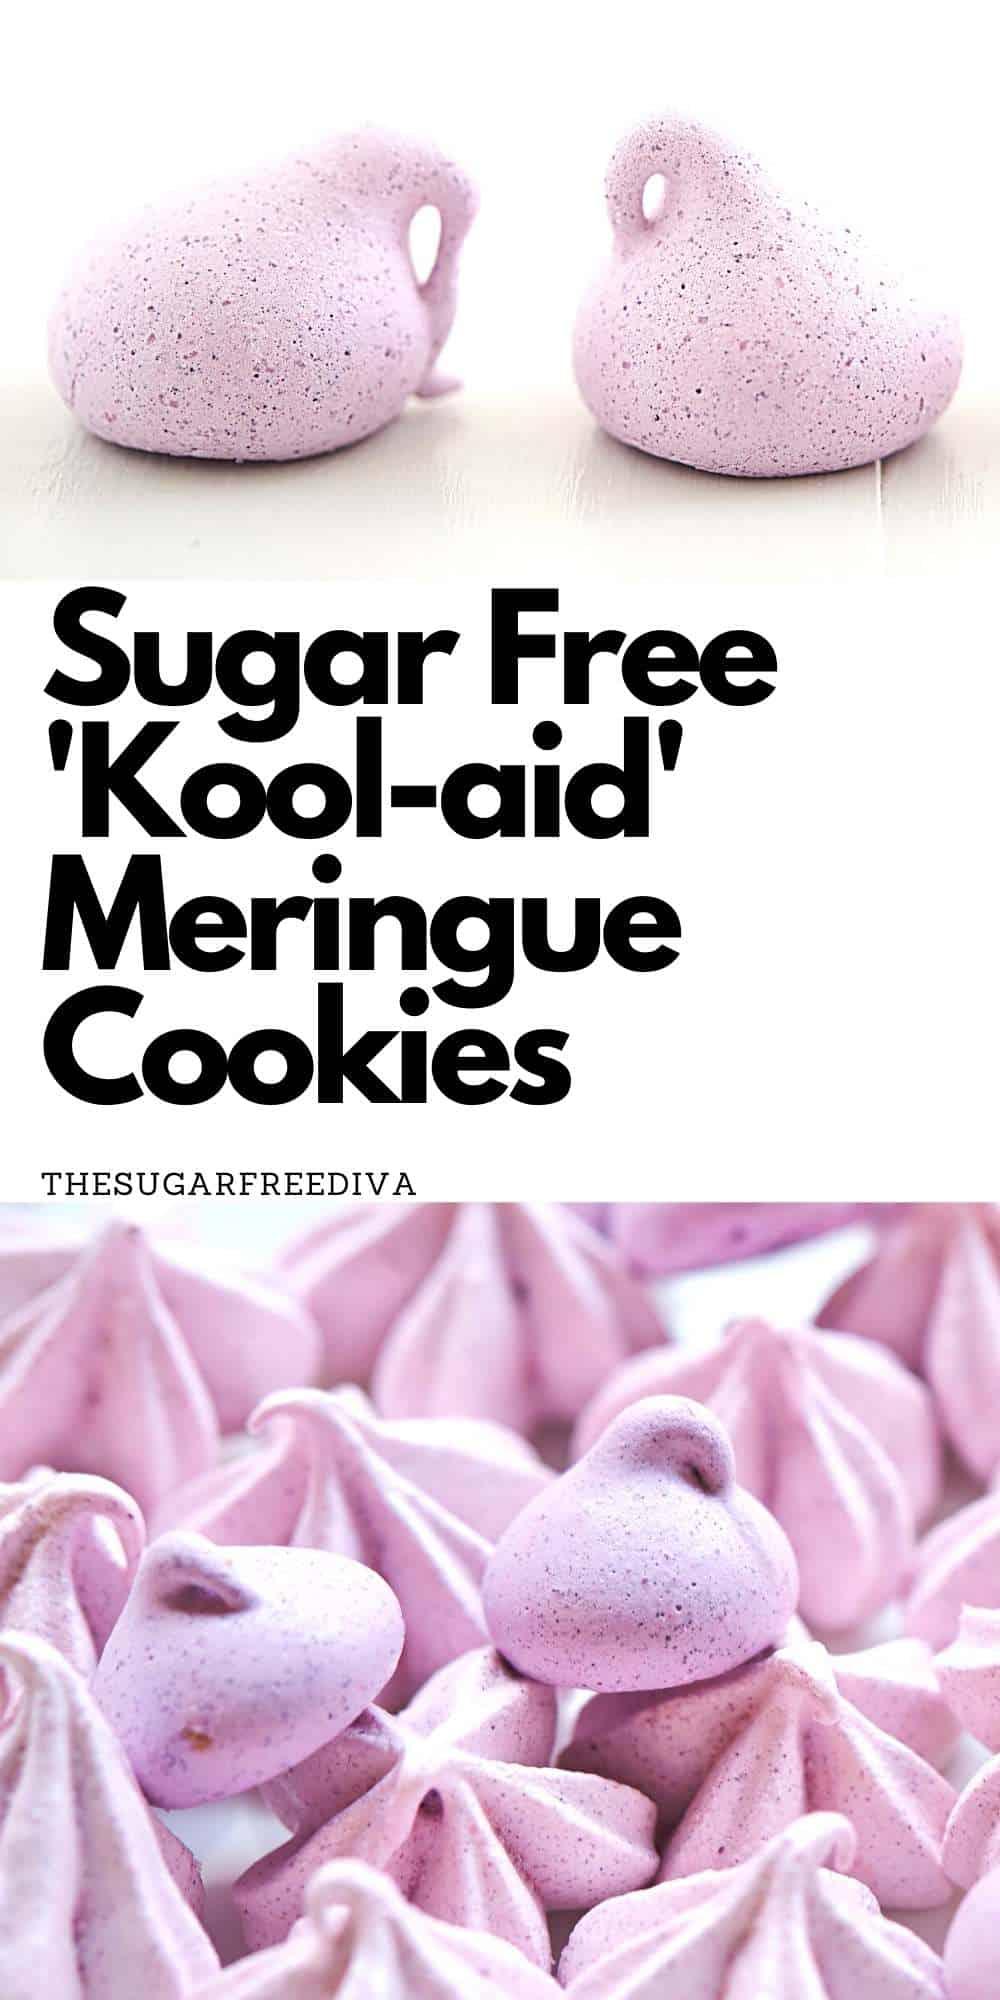 Sugar Free Kool Aid Meringue Cookies